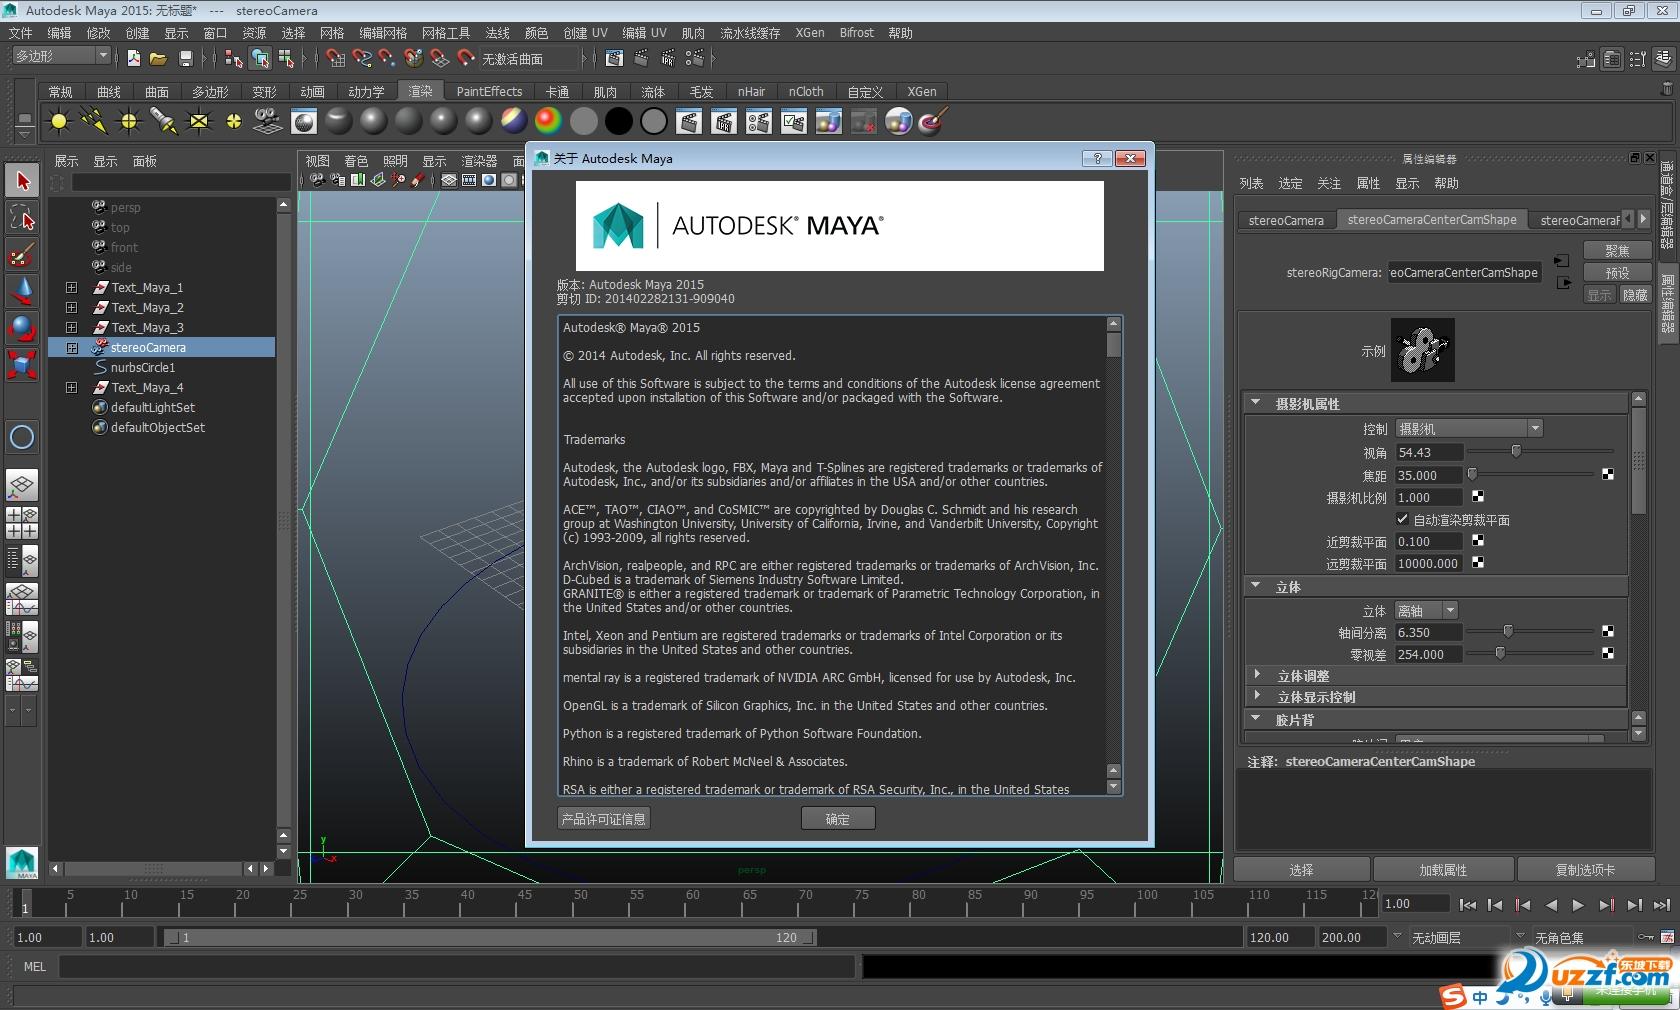 AutoDesk maya 2015中文破解版截图0